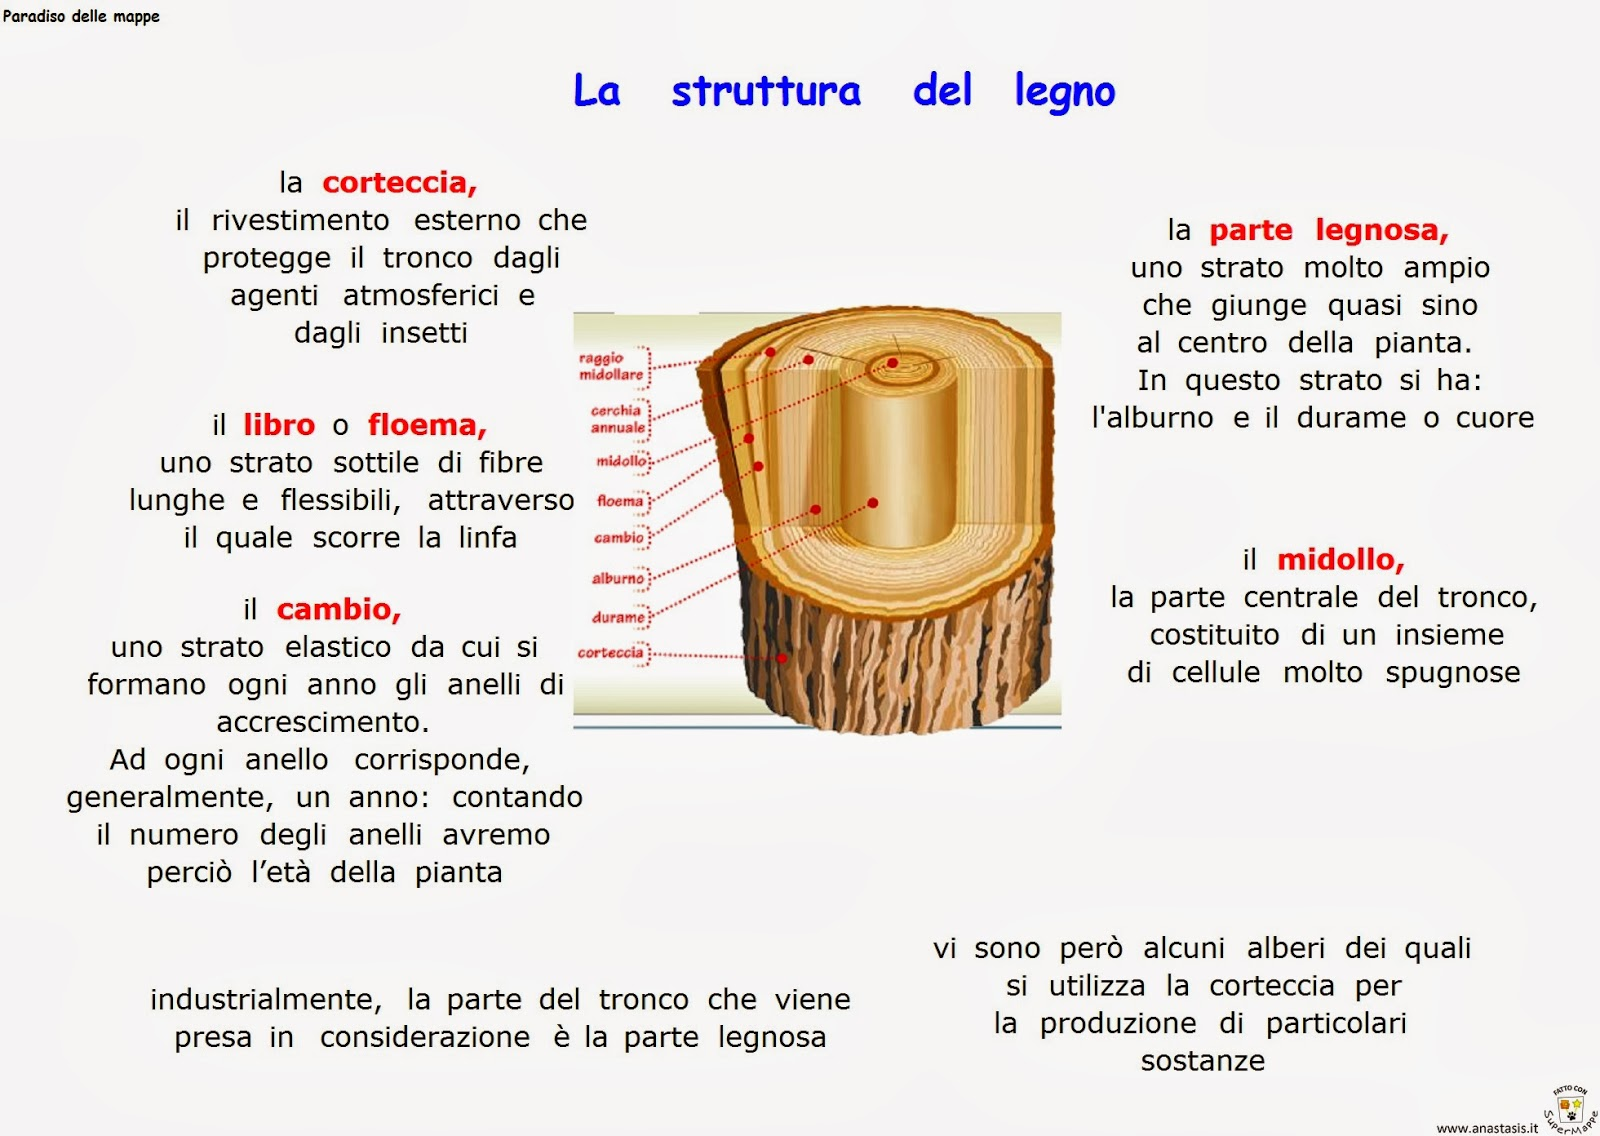 Le Fibre Del Legno paradiso delle mappe: la struttura del legno